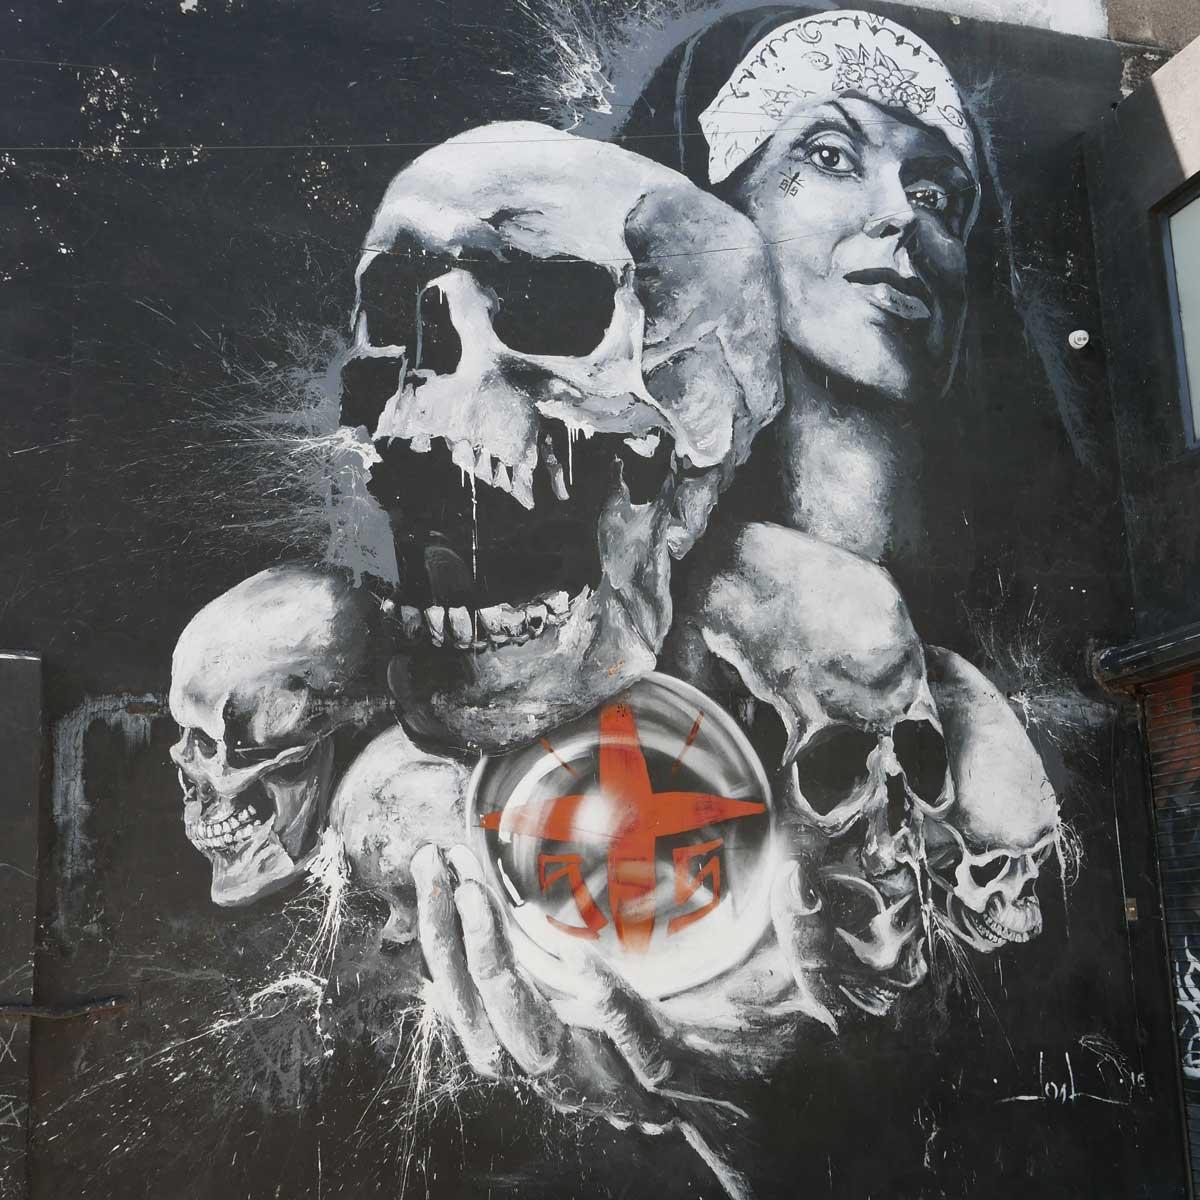 Street art in Guadalajara